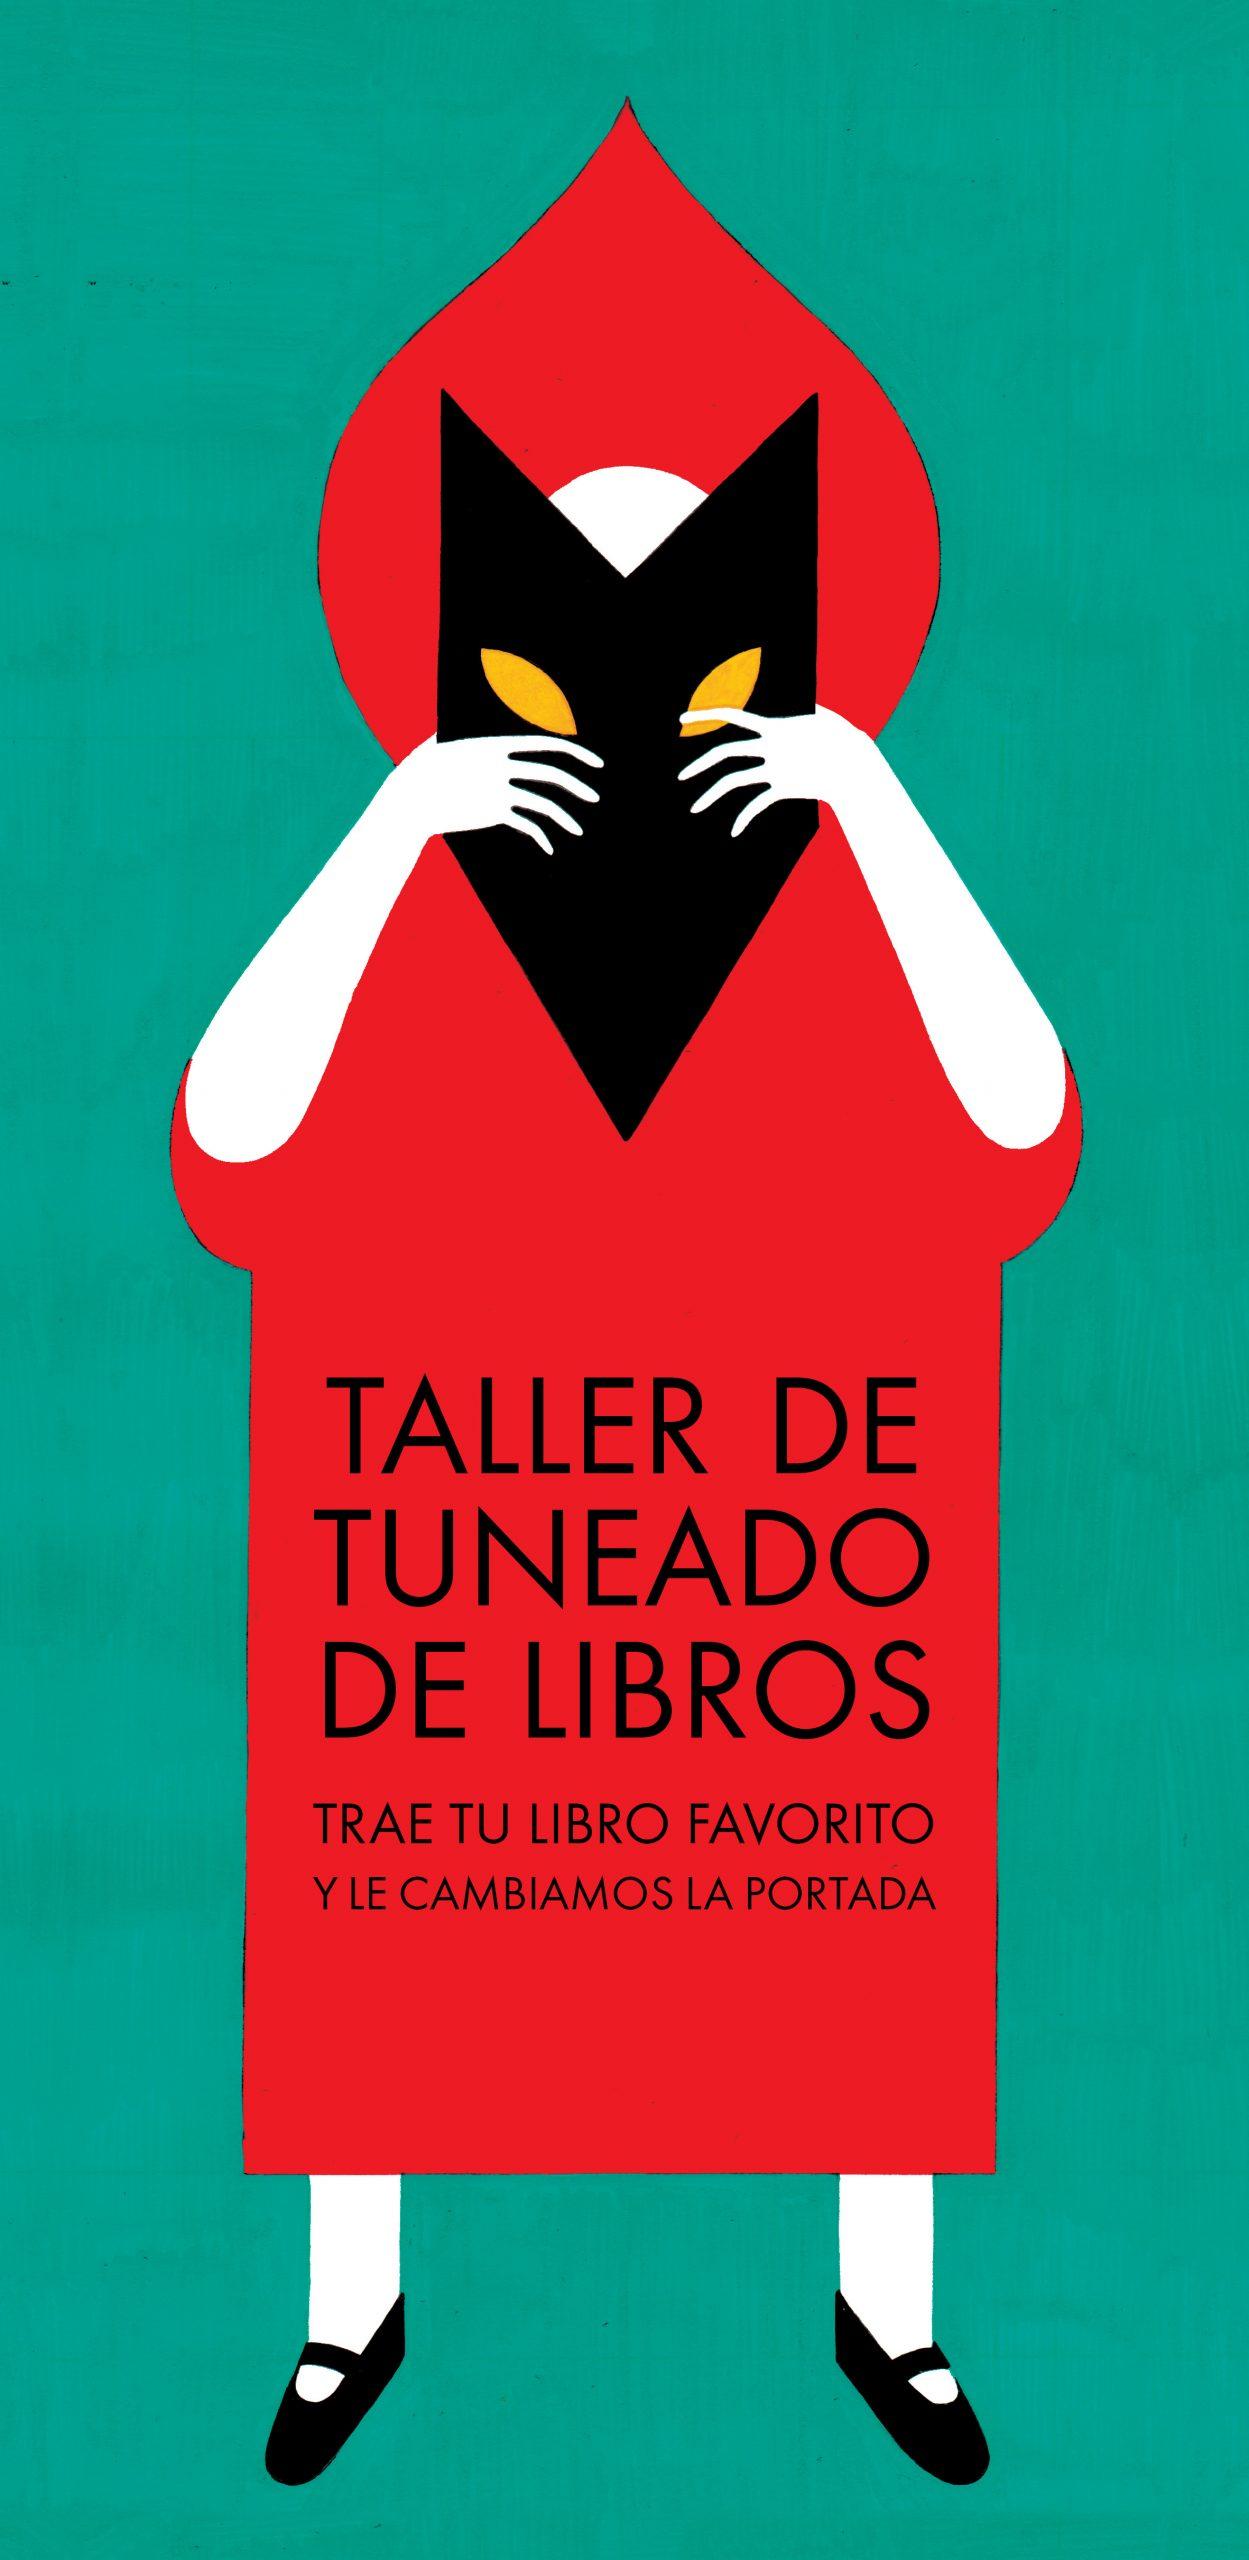 Taller de tuneado de libros